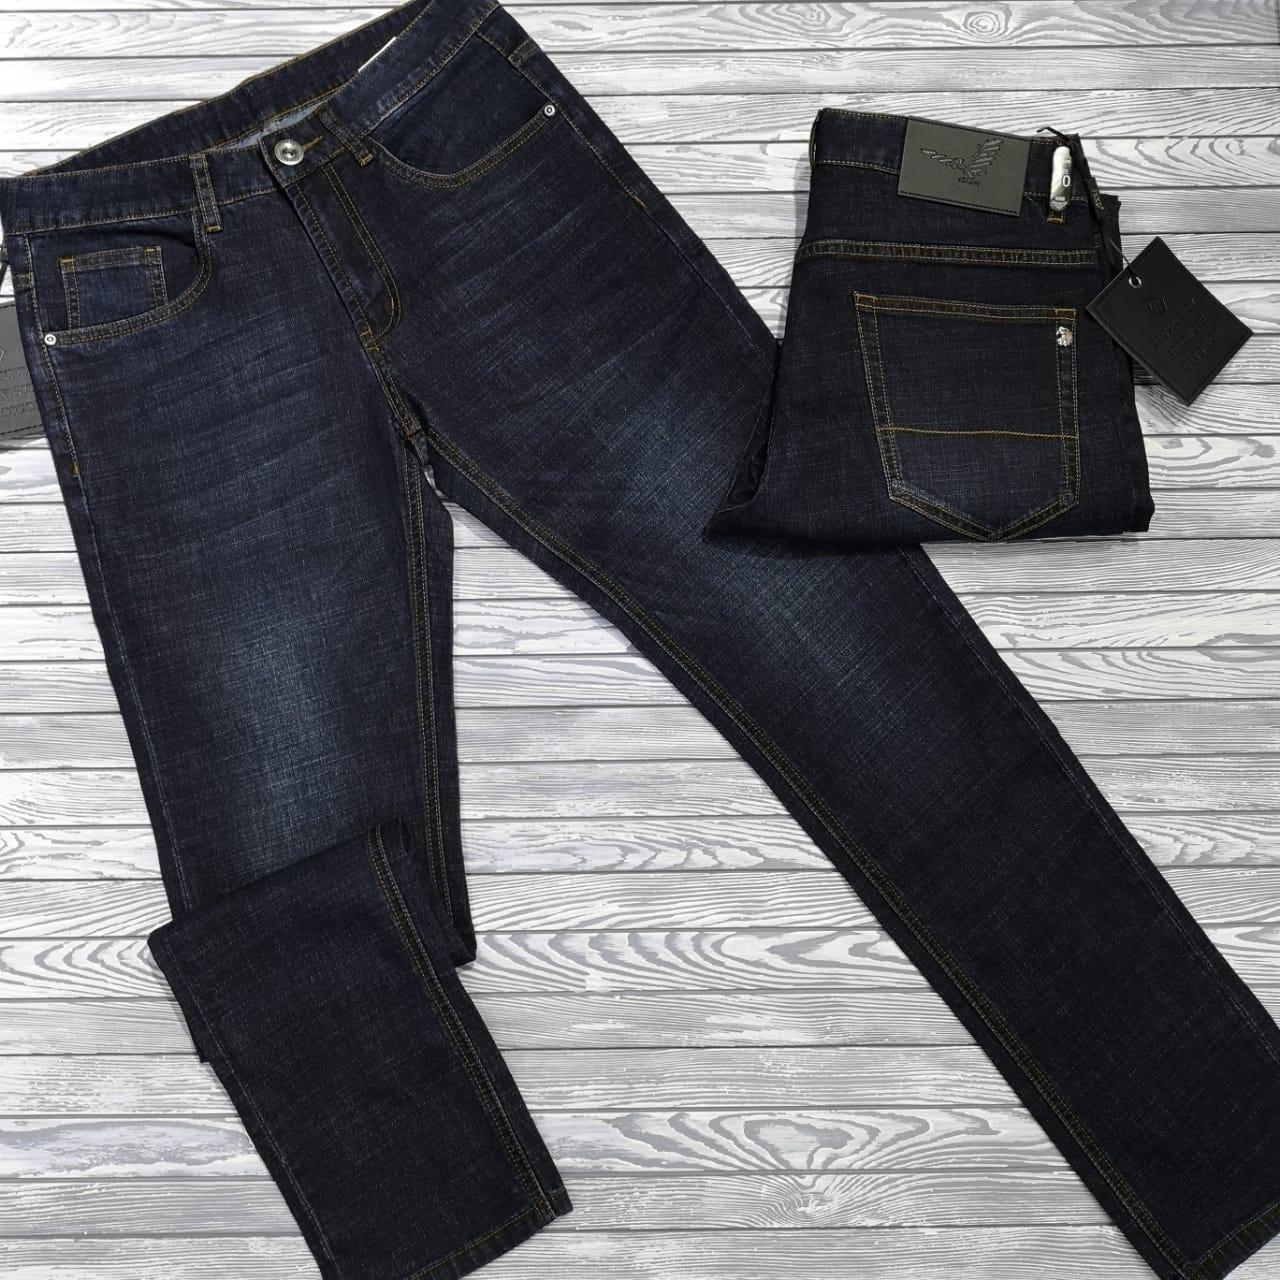 Мужские летние джинсы Tradition Denim - фото 4